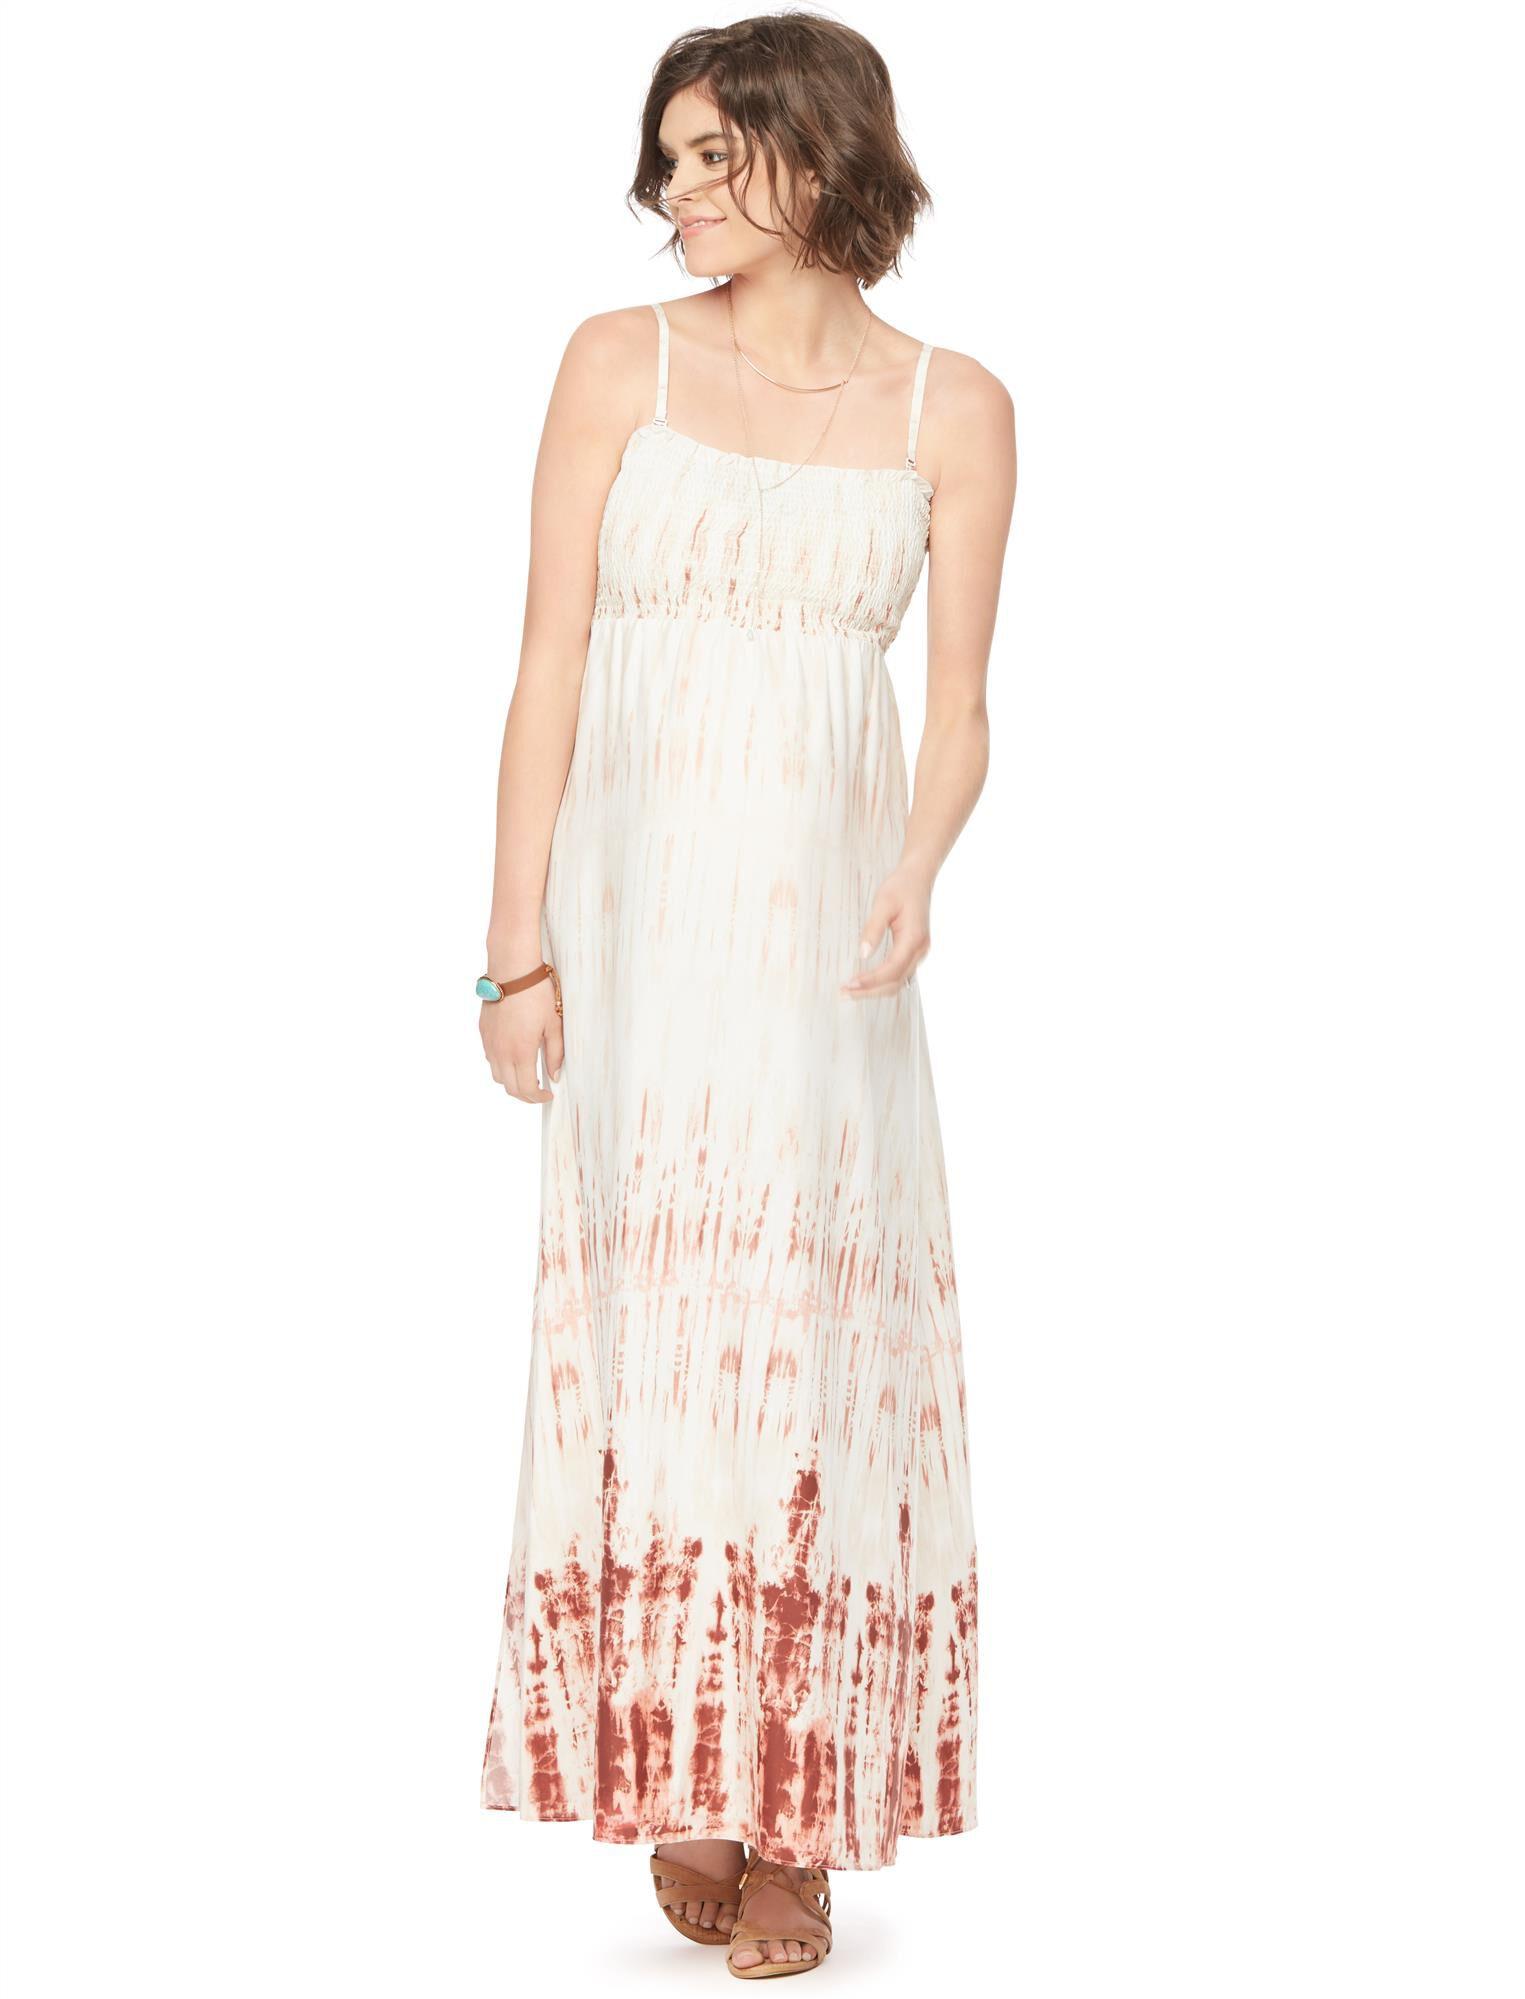 Smocked Maternity Maxi Dress